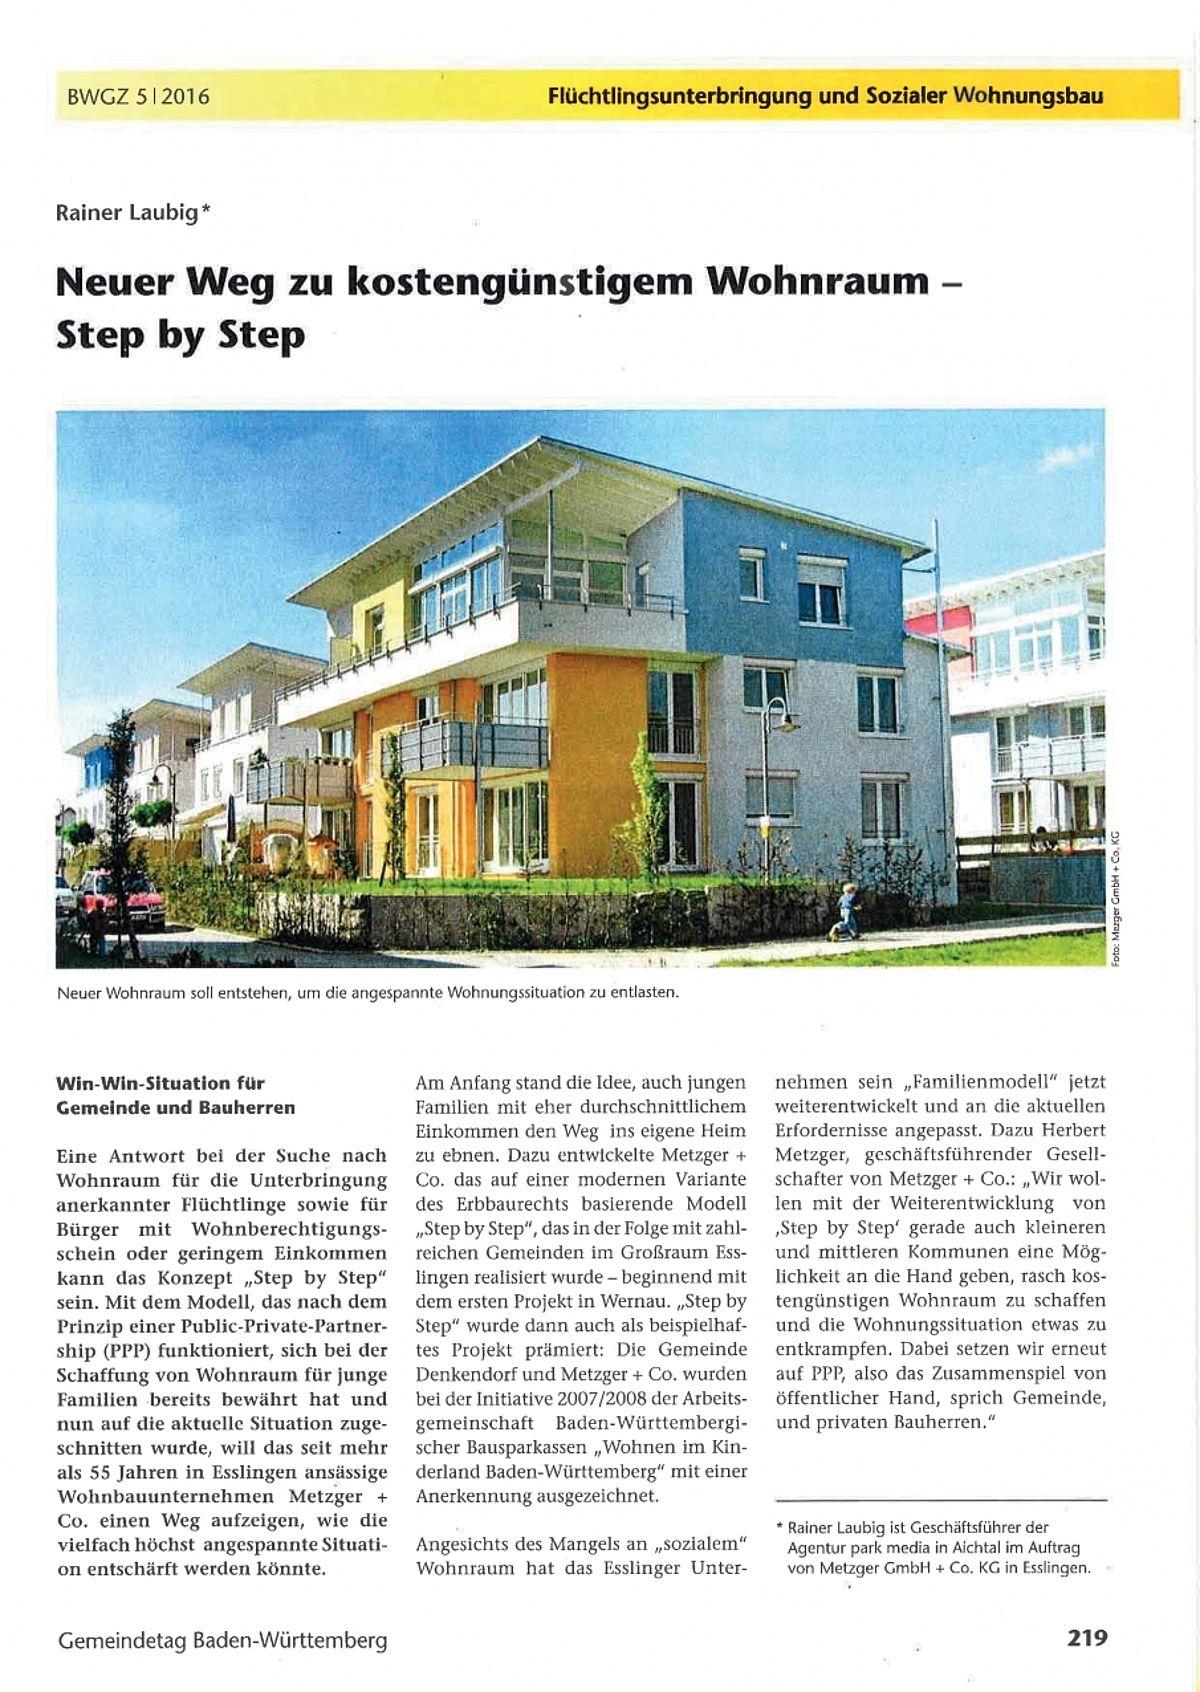 Len Esslingen neuer weg zu kostengünstigem wohnbau by metzger gmbh